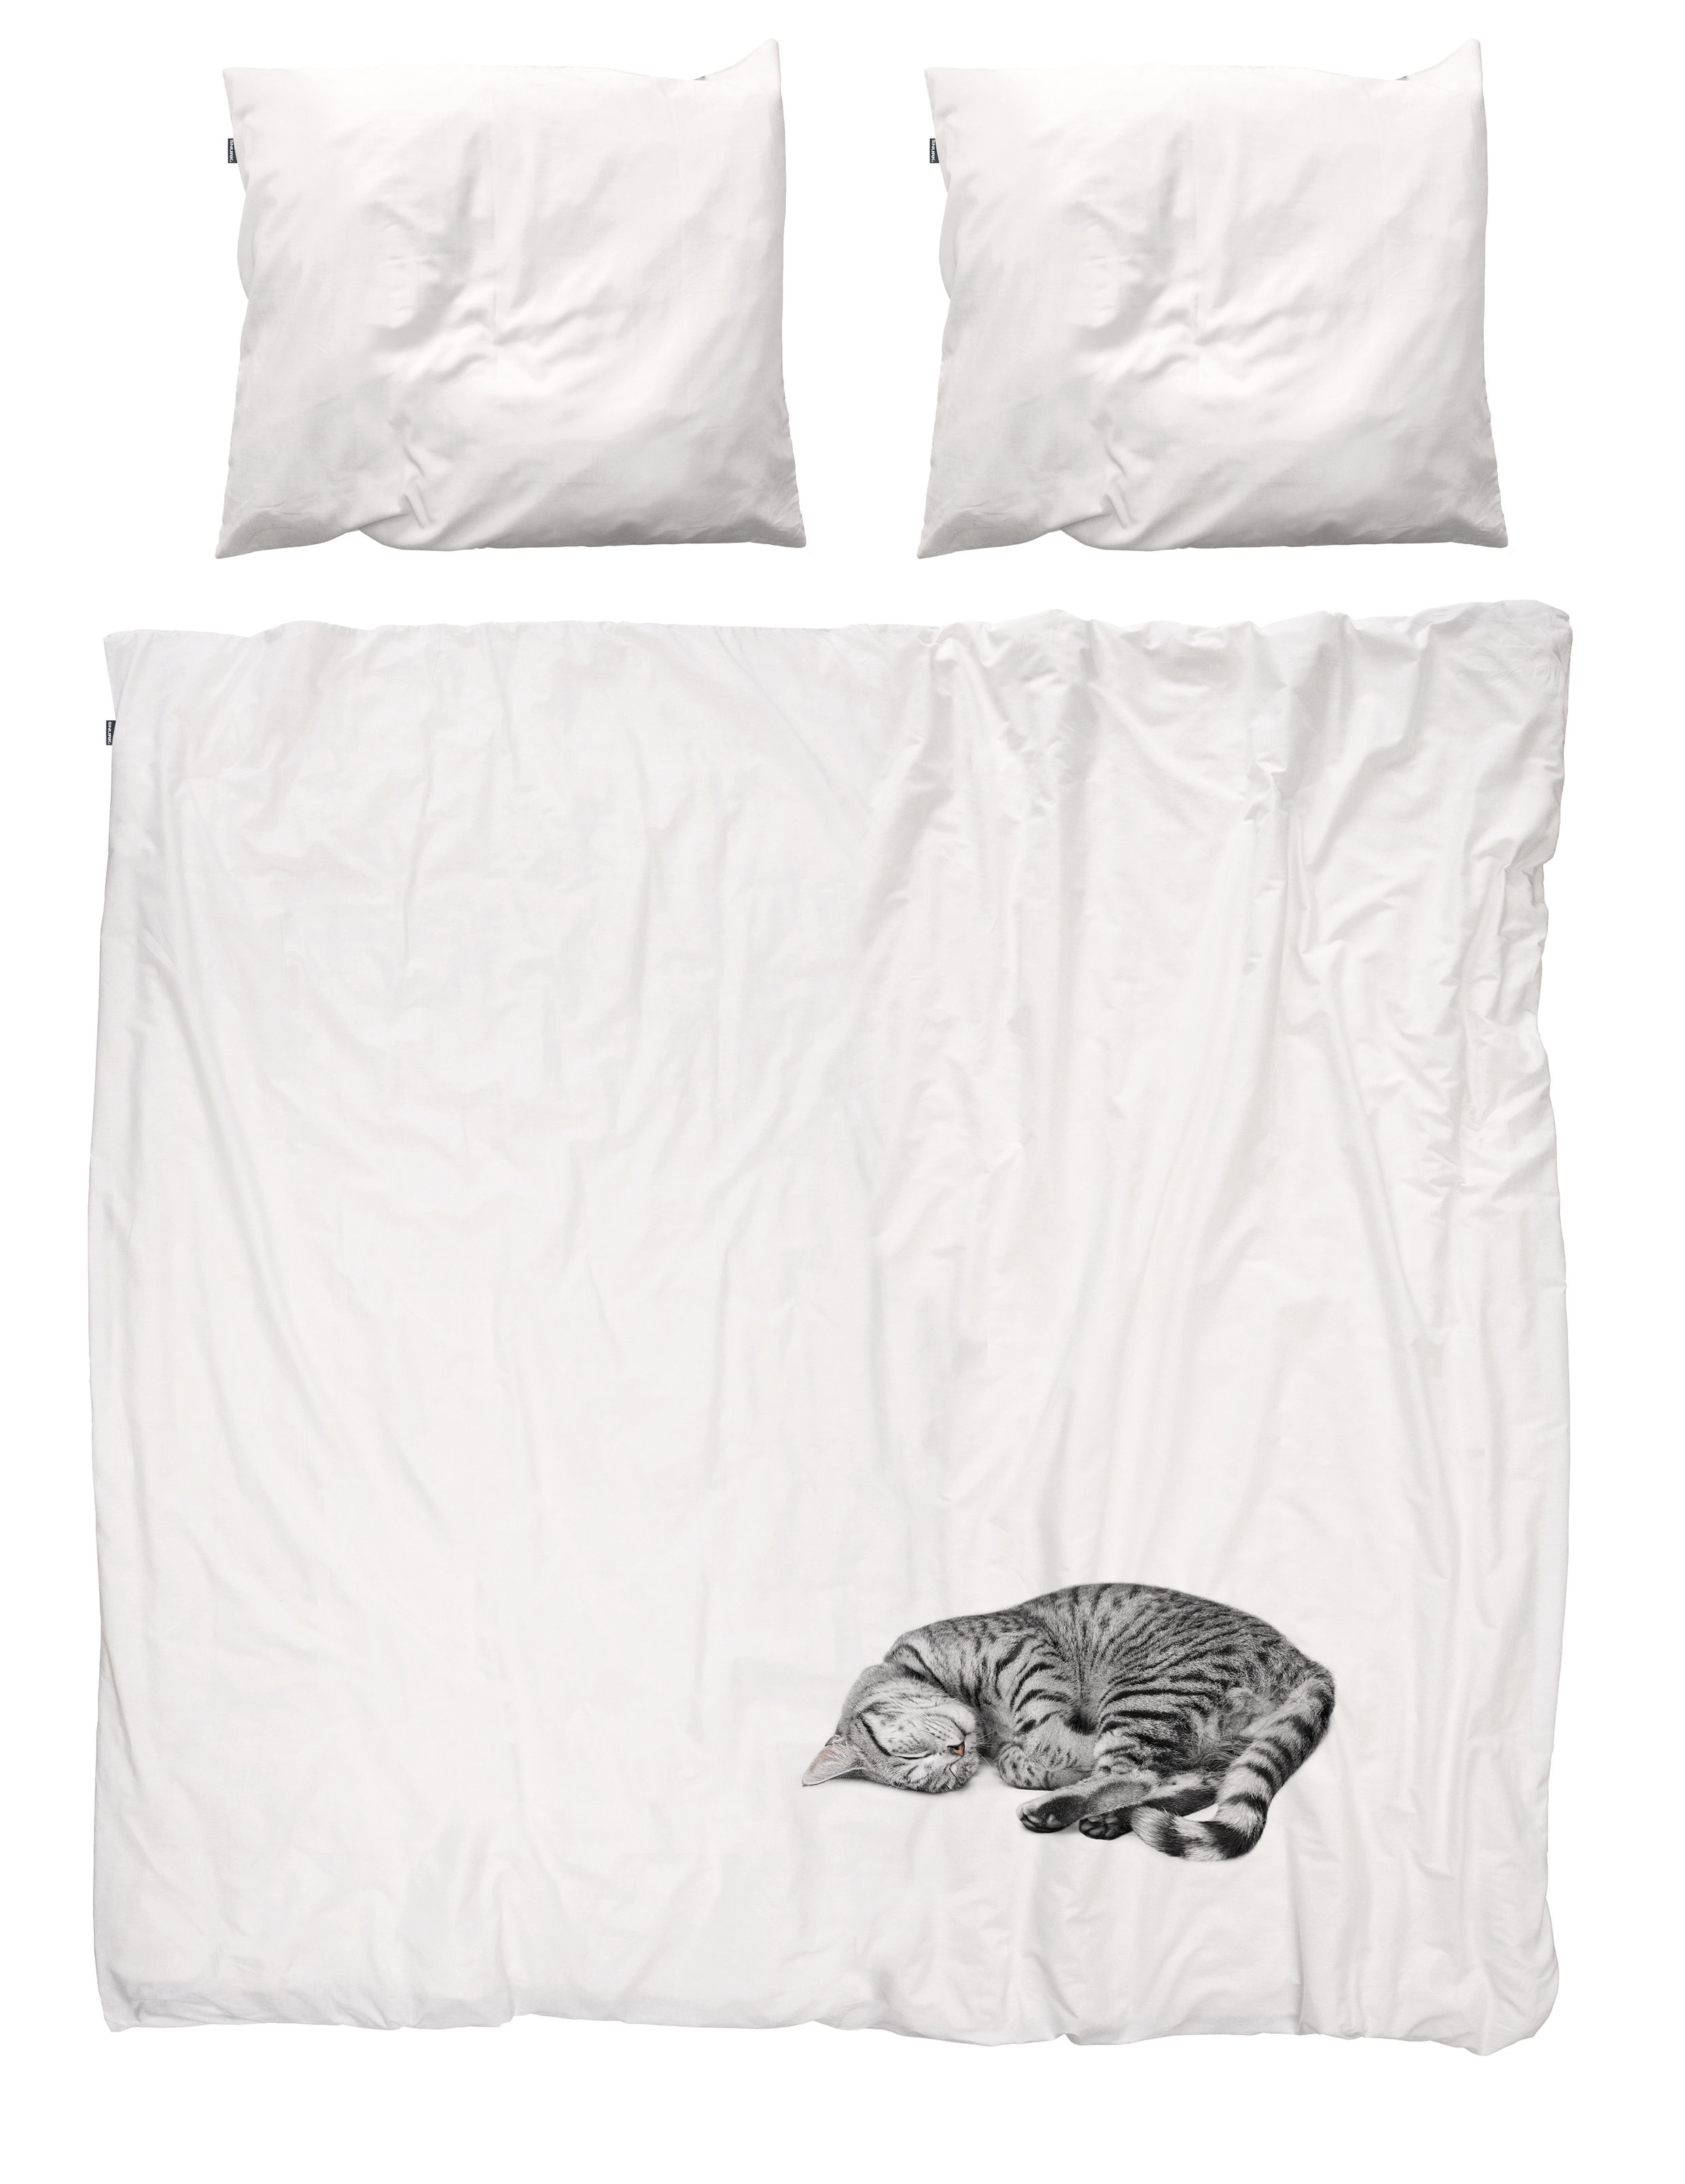 parure de lit 2 personnes ollie 240 x 220 cm chat gris. Black Bedroom Furniture Sets. Home Design Ideas